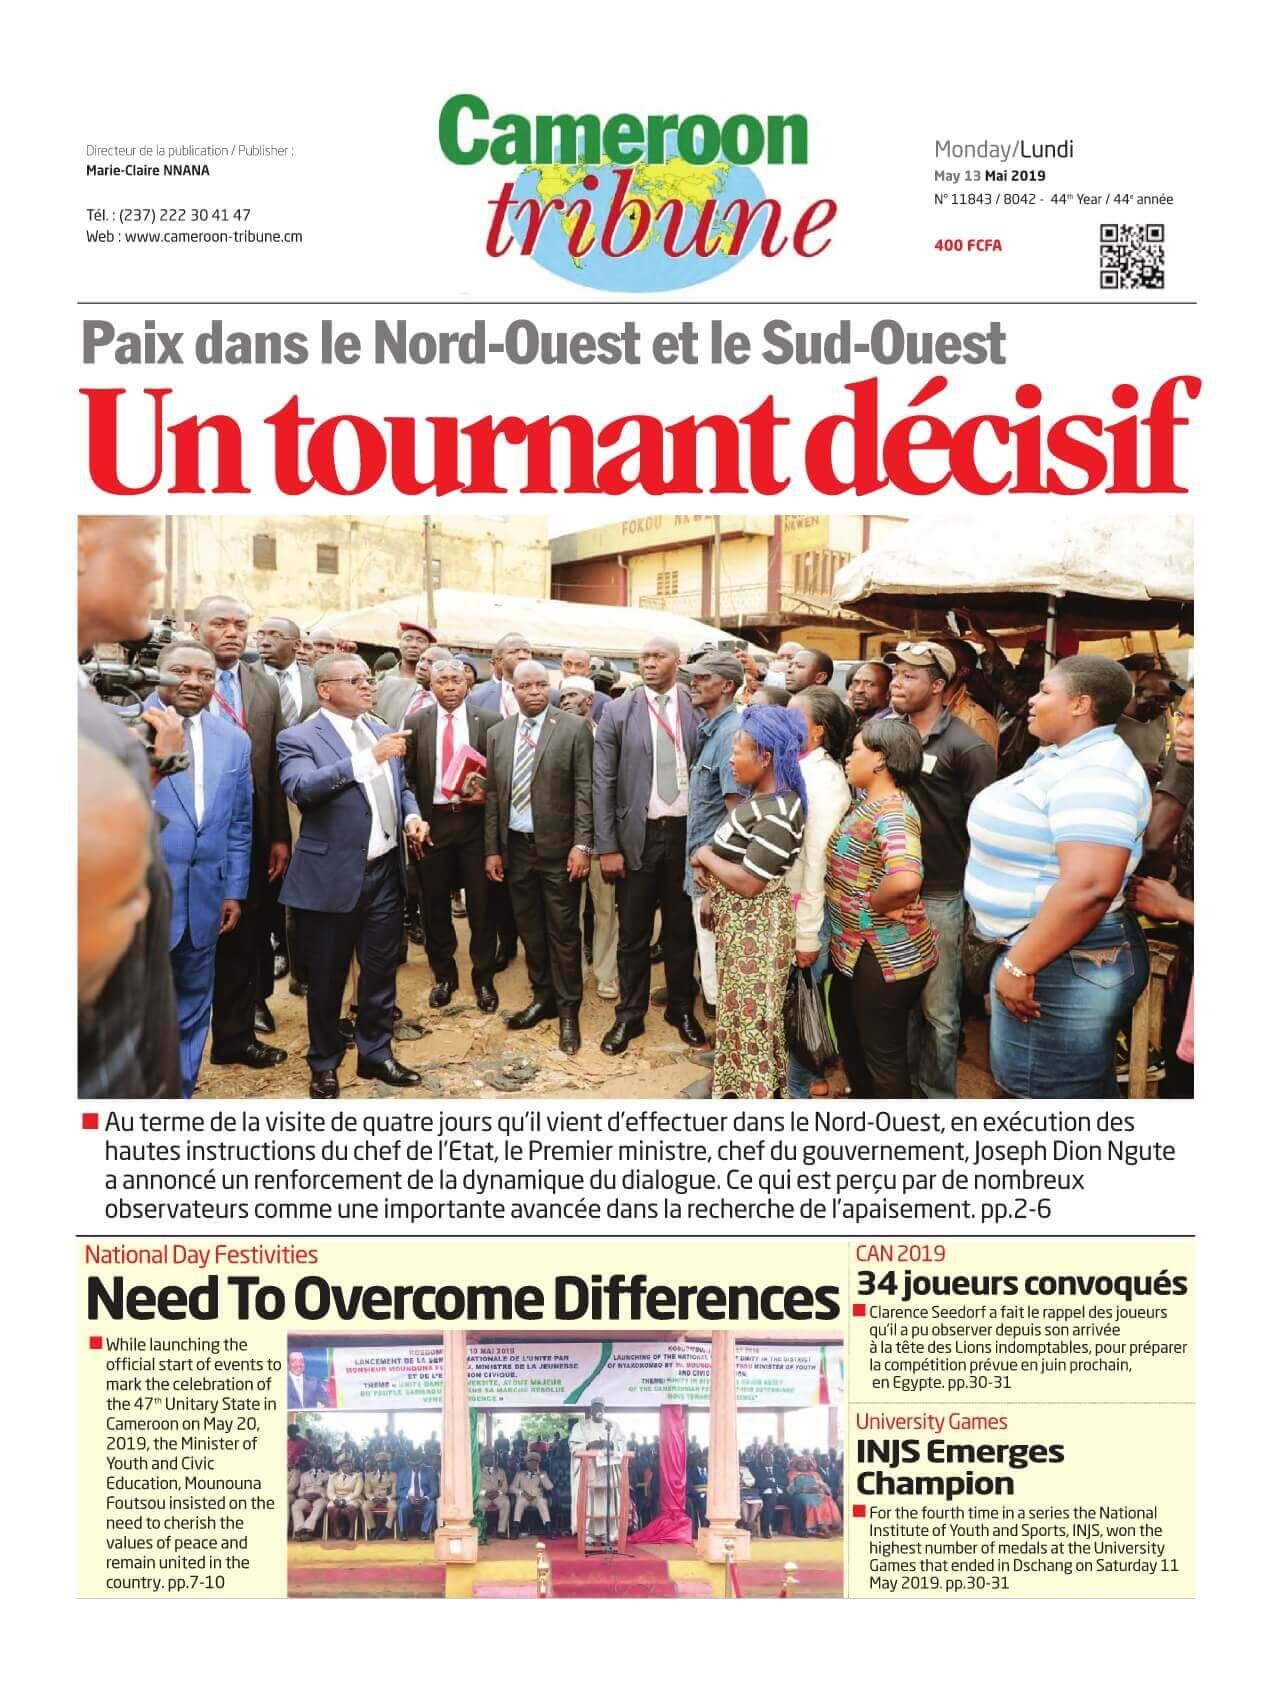 Cameroon Tribune - 13/05/2019